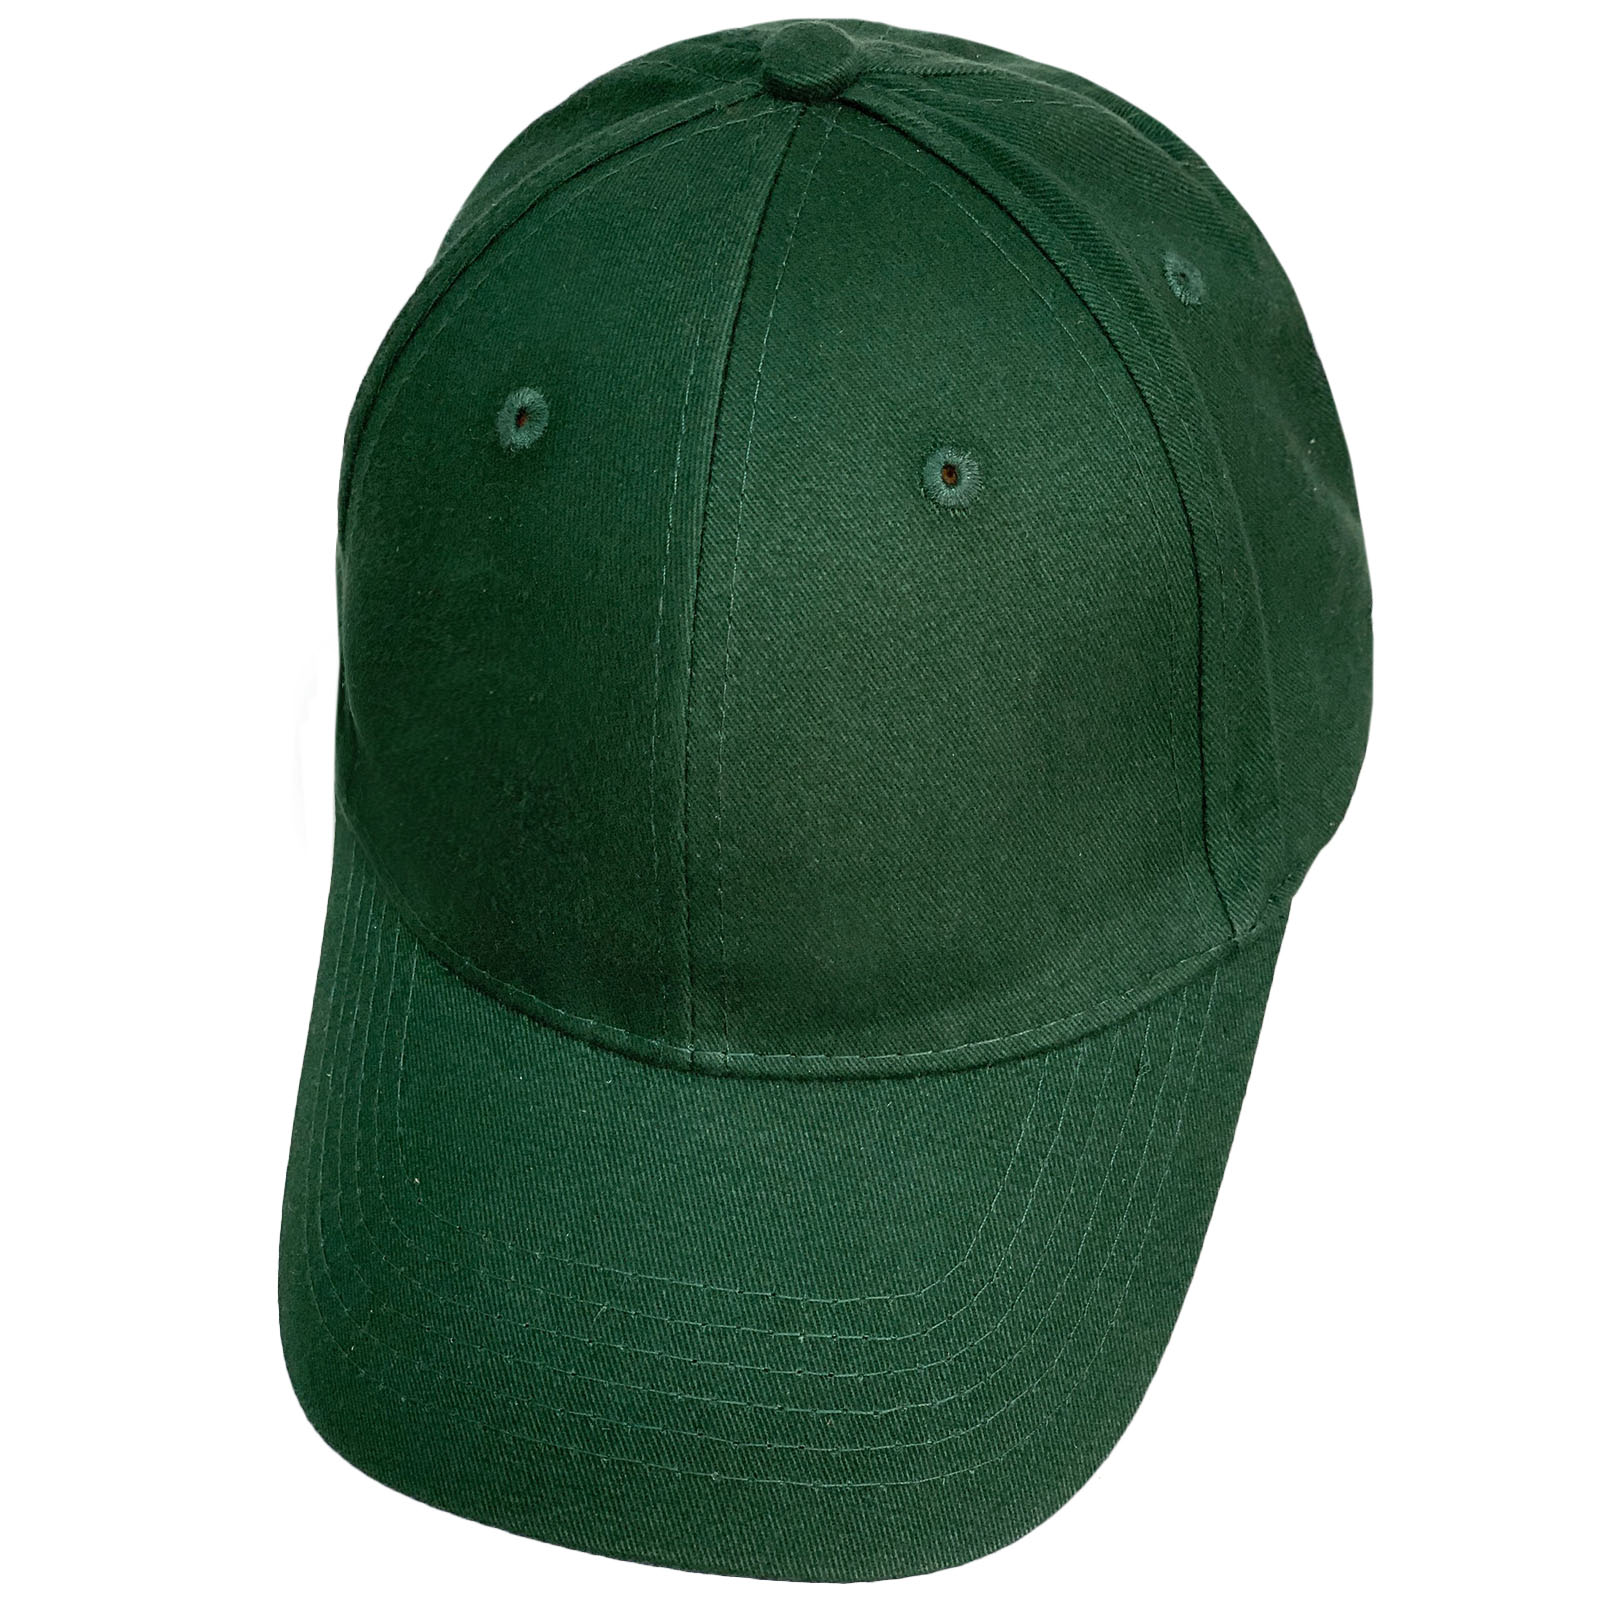 Бейсболка зелёного цвета | Заказать бейсболки в интернет-магазине